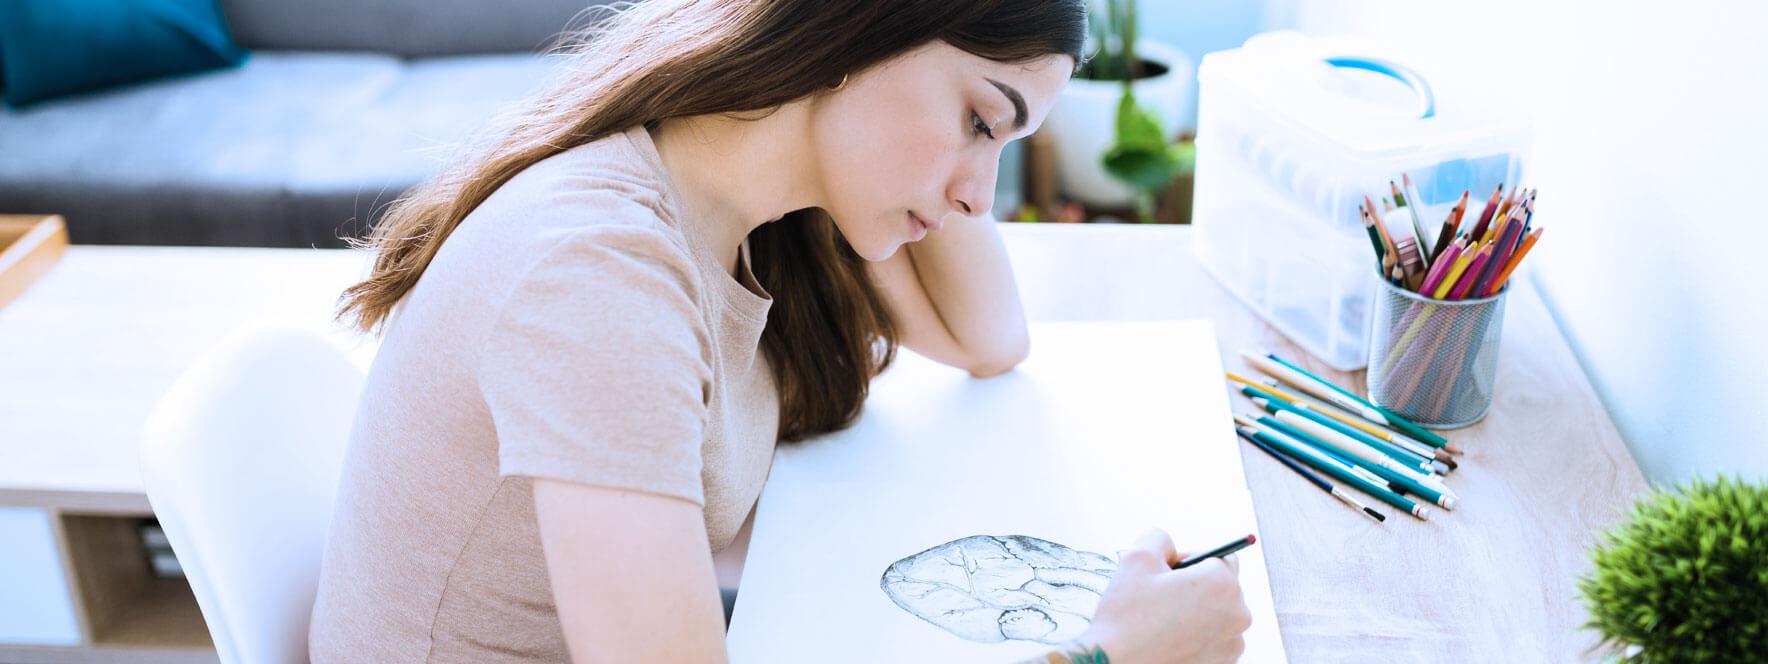 Femme sédentaire qui est en train de dessiner